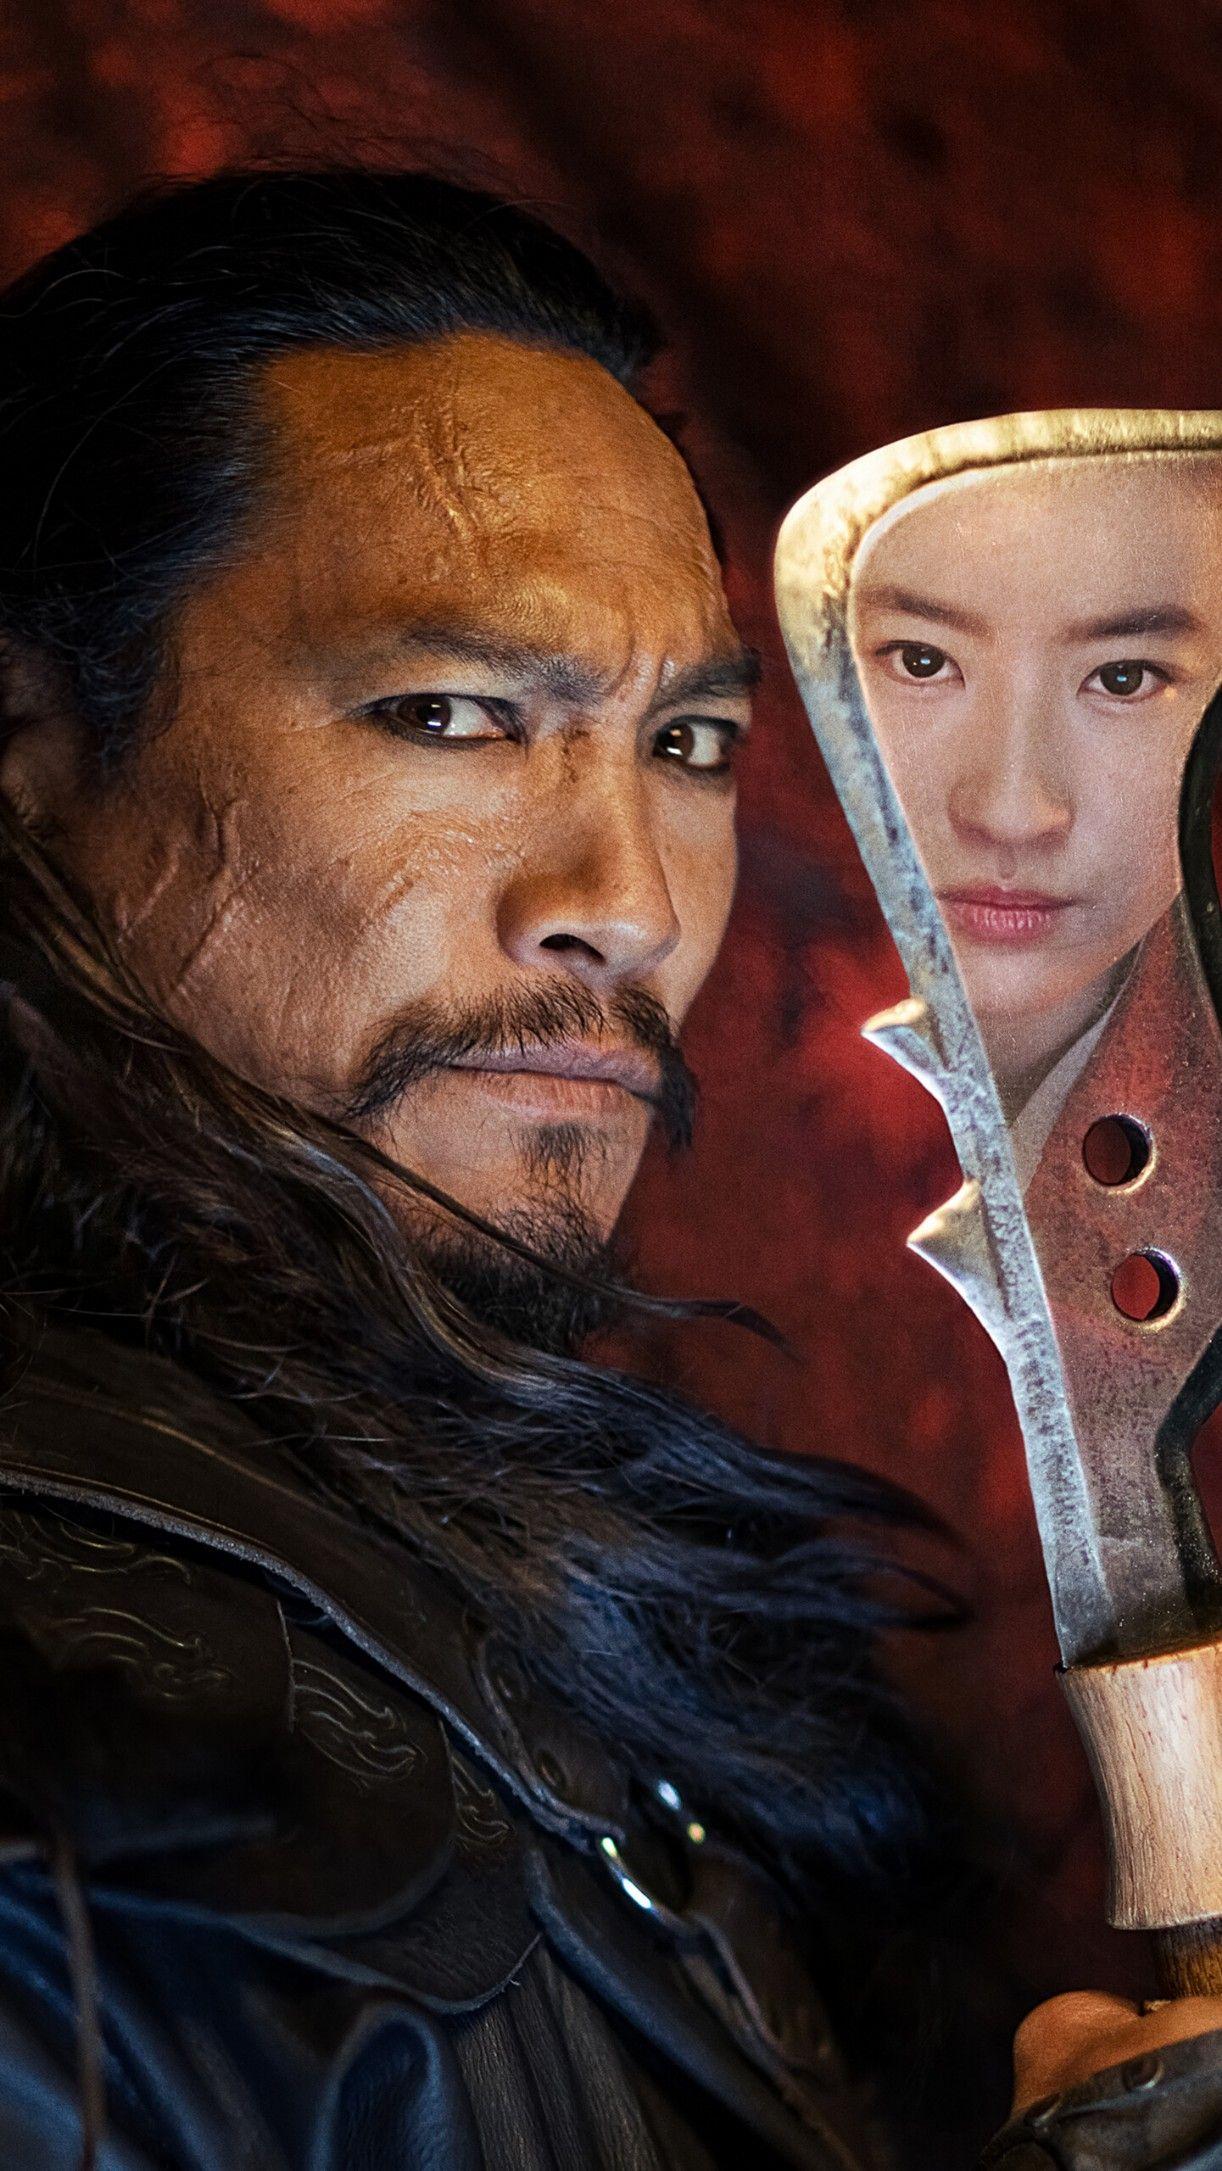 Mulan 2020 Phone Wallpaper Watch Mulan Full Movies Online Free Free Movies Online